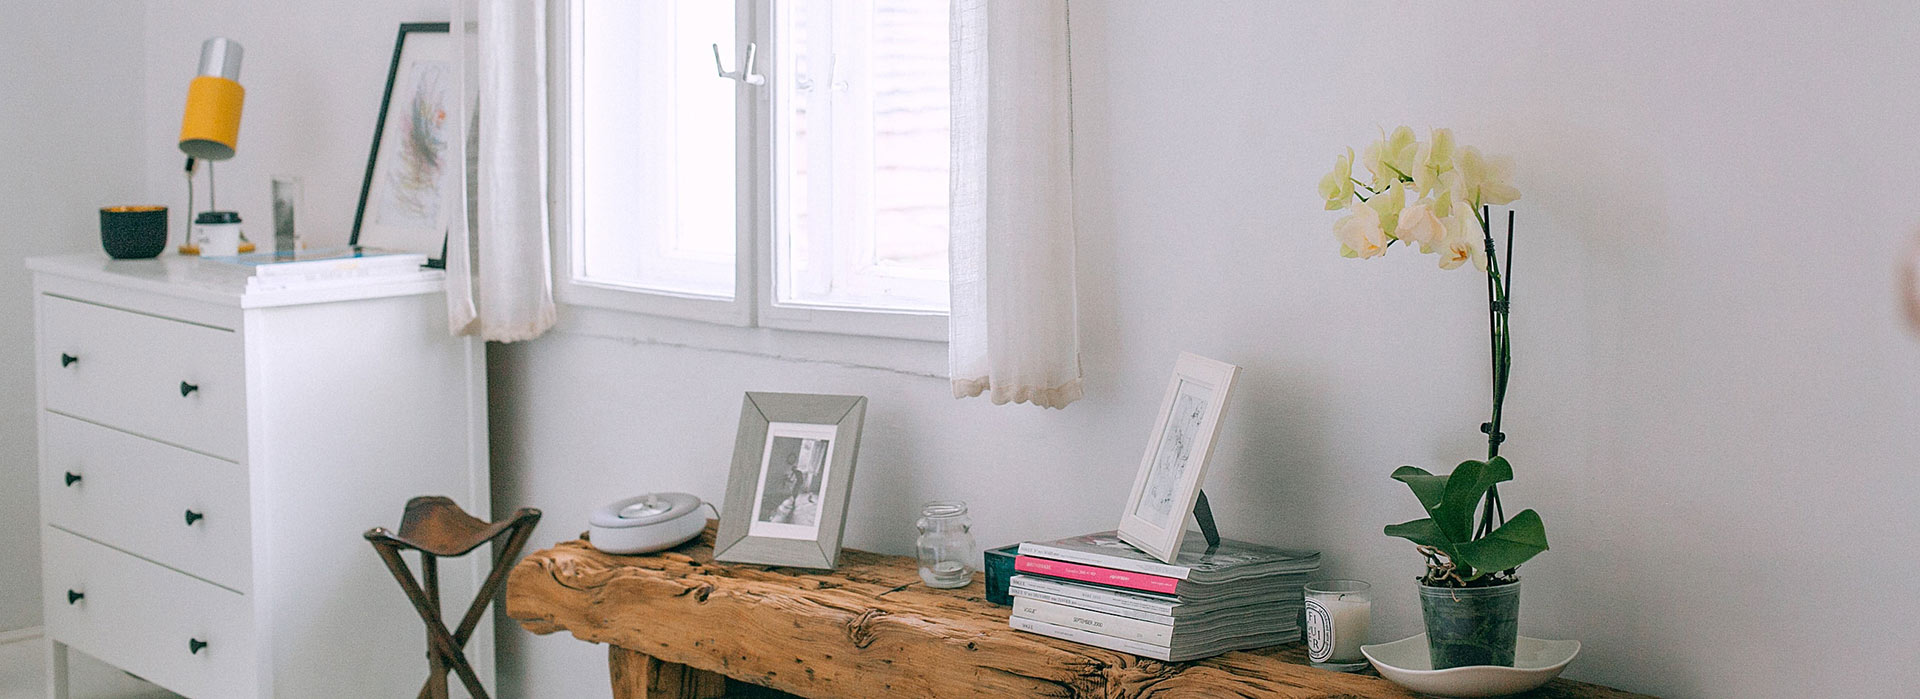 Ideas para decorar un piso nuevo